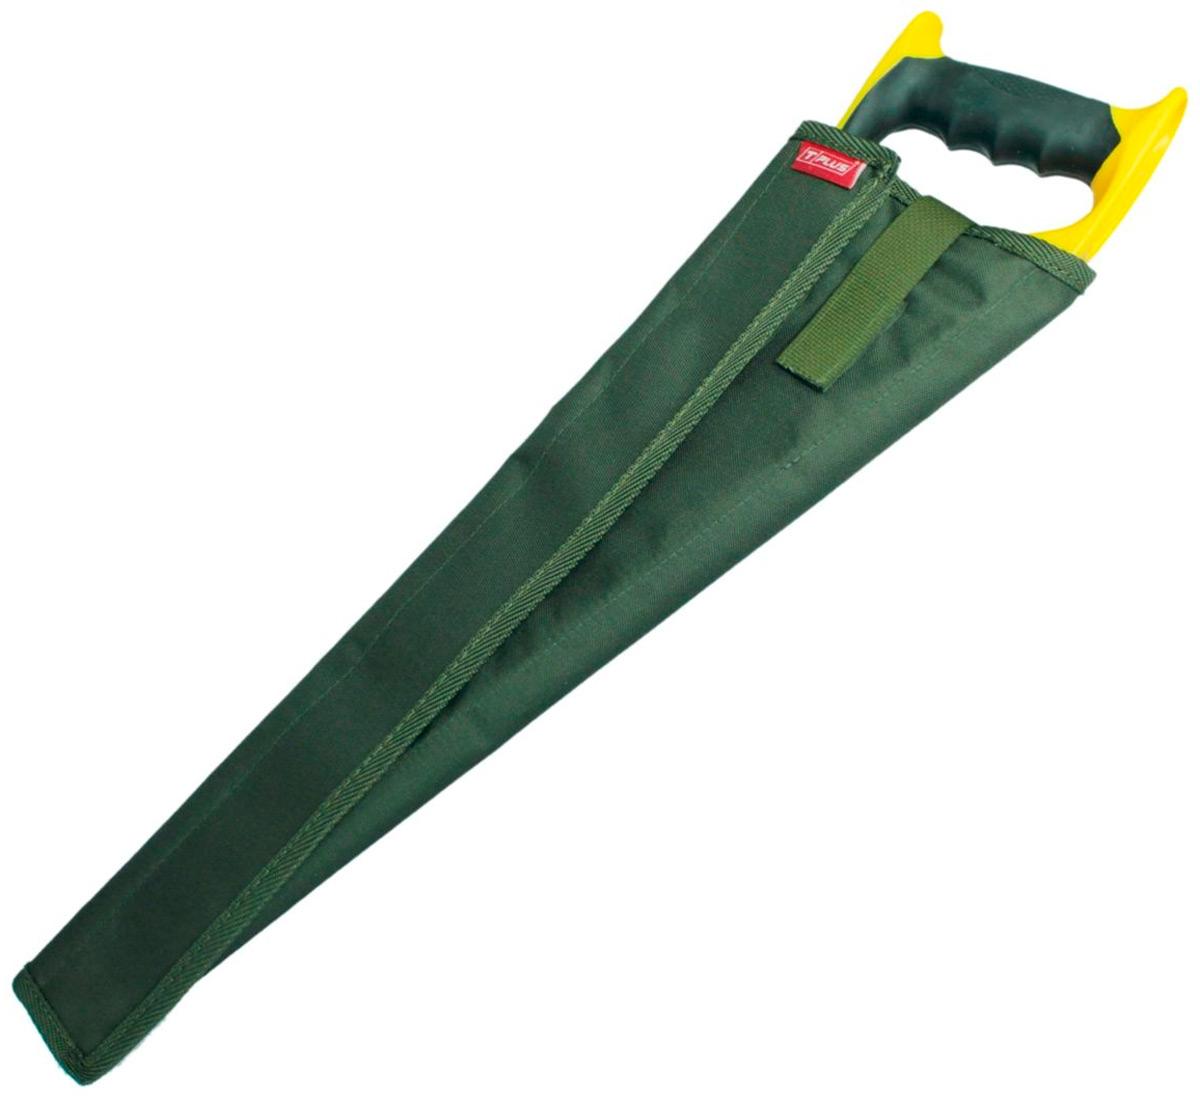 Чехол для ножовки Tplus, кордура 900, цвет: темно-зеленый, 40 см